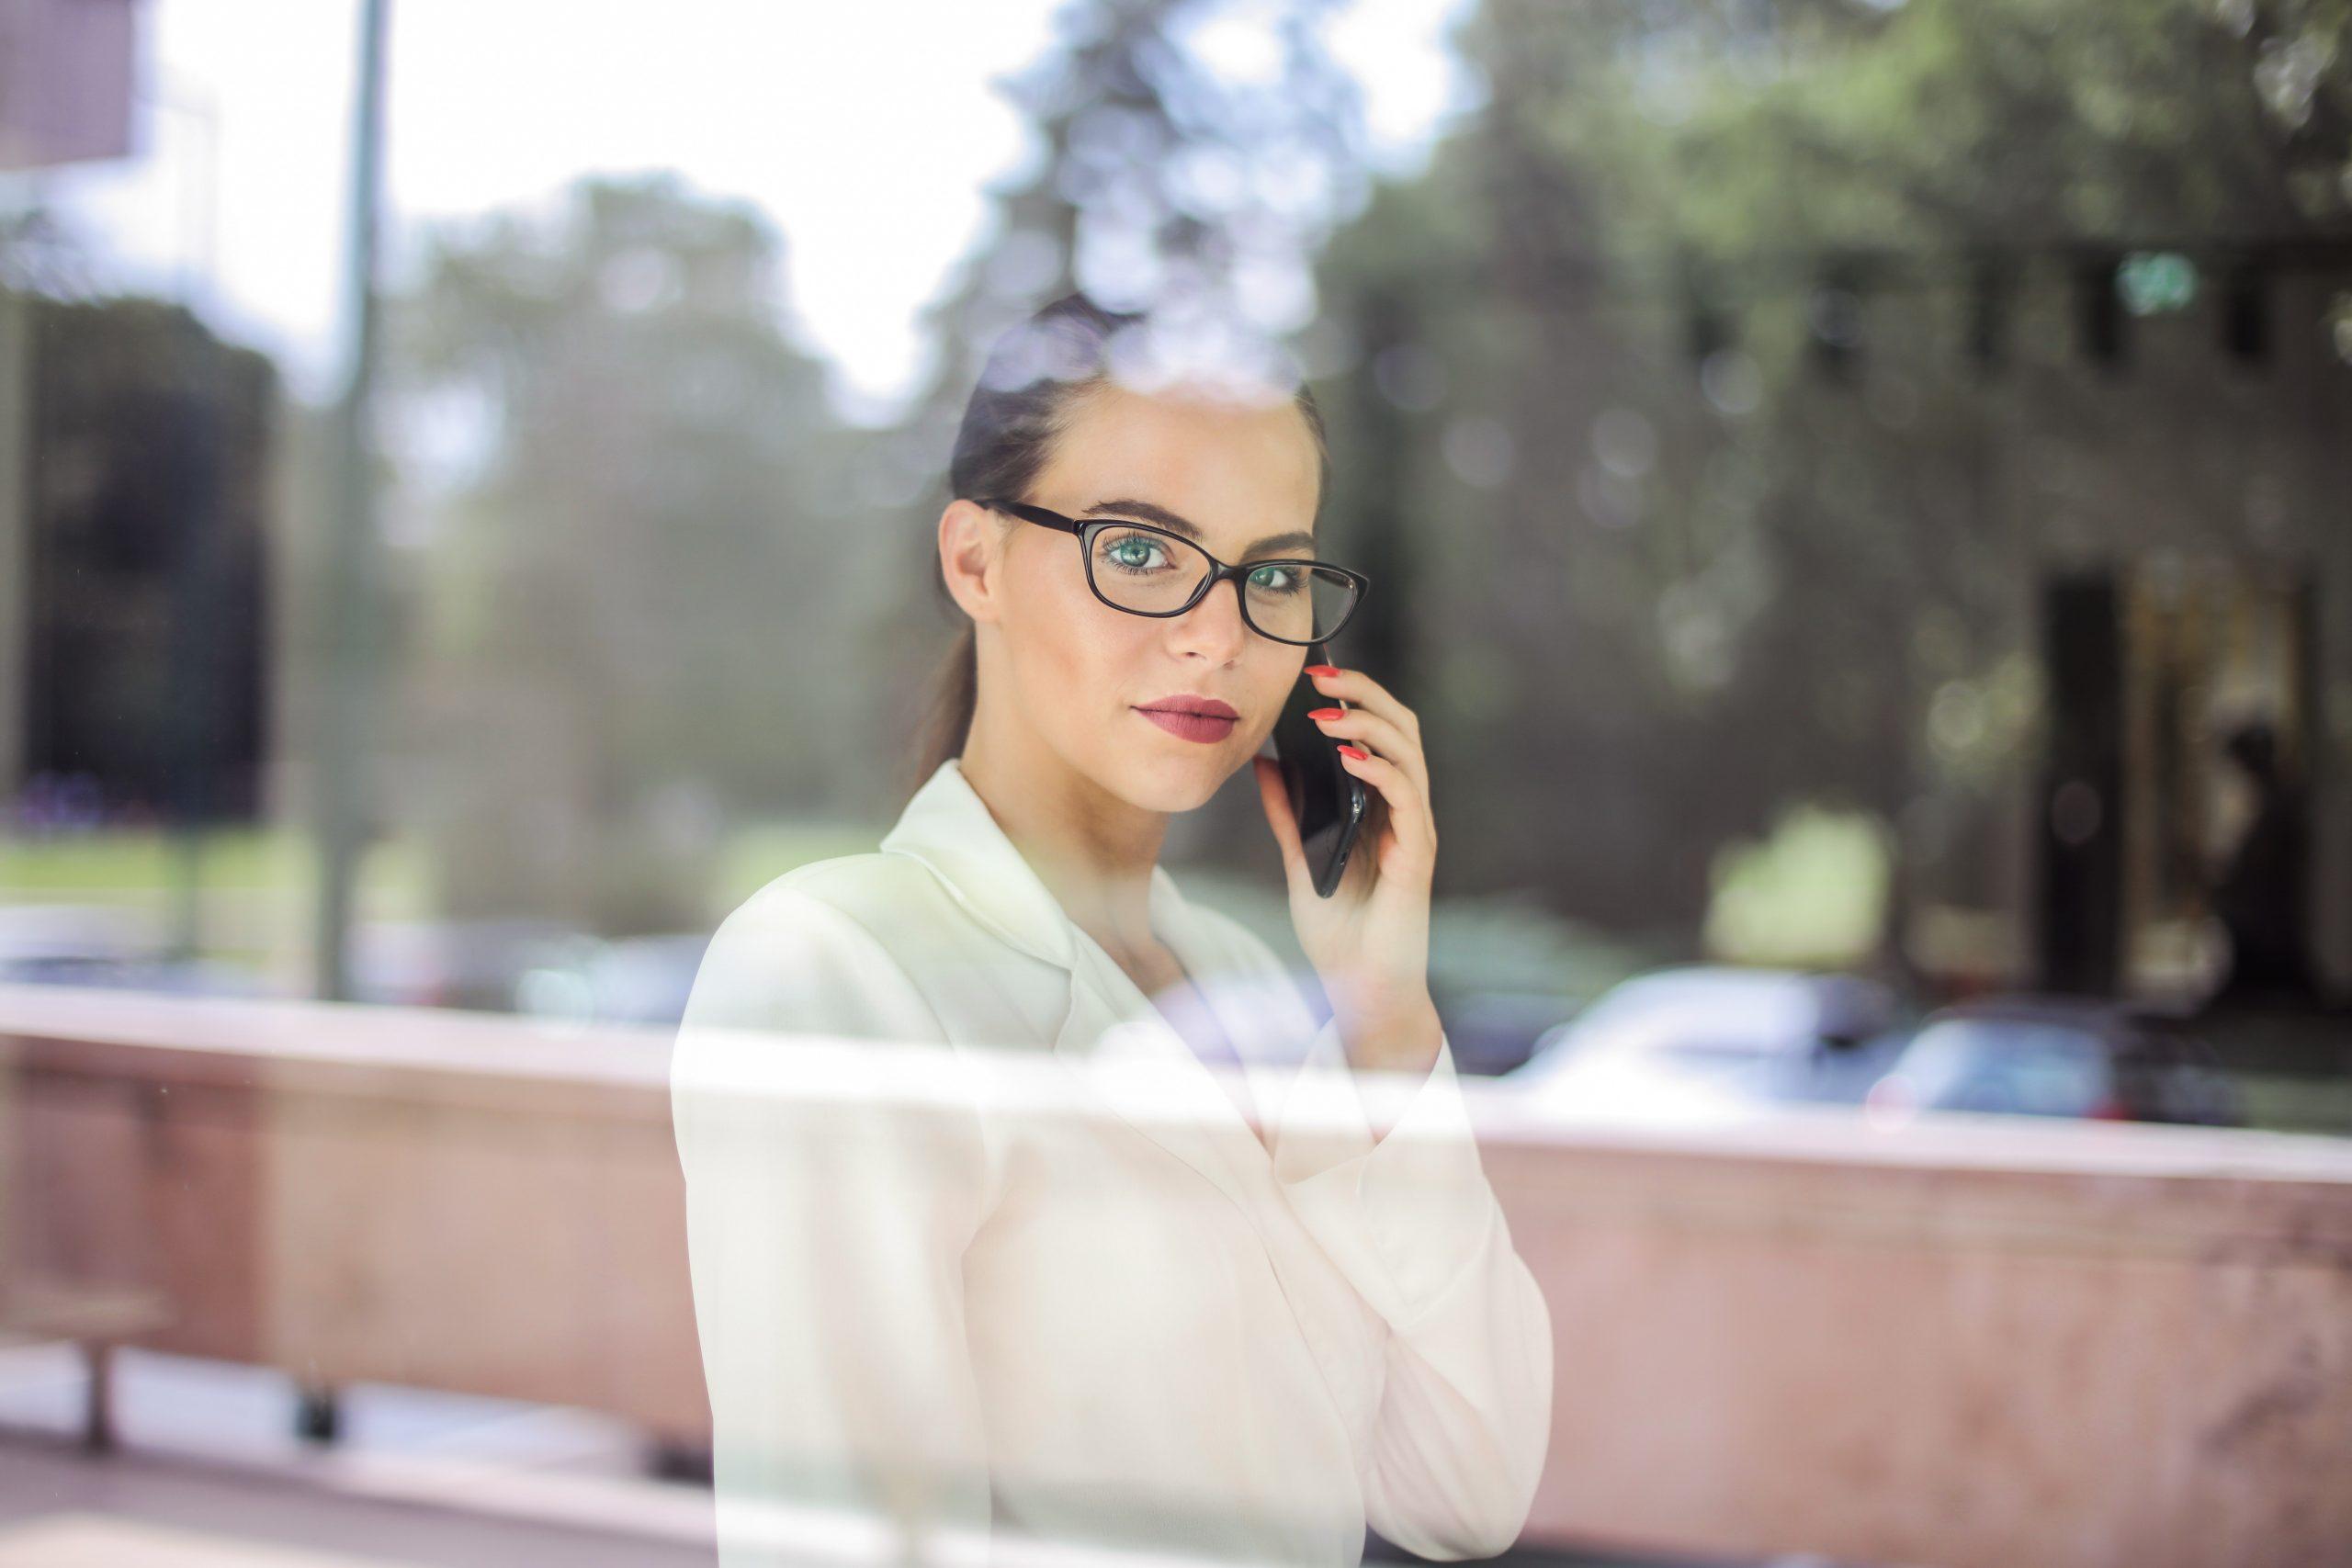 Mulher de óculos falando ao celular olhando pela janela||Mulher de óculos falando ao celular olhando pela janela